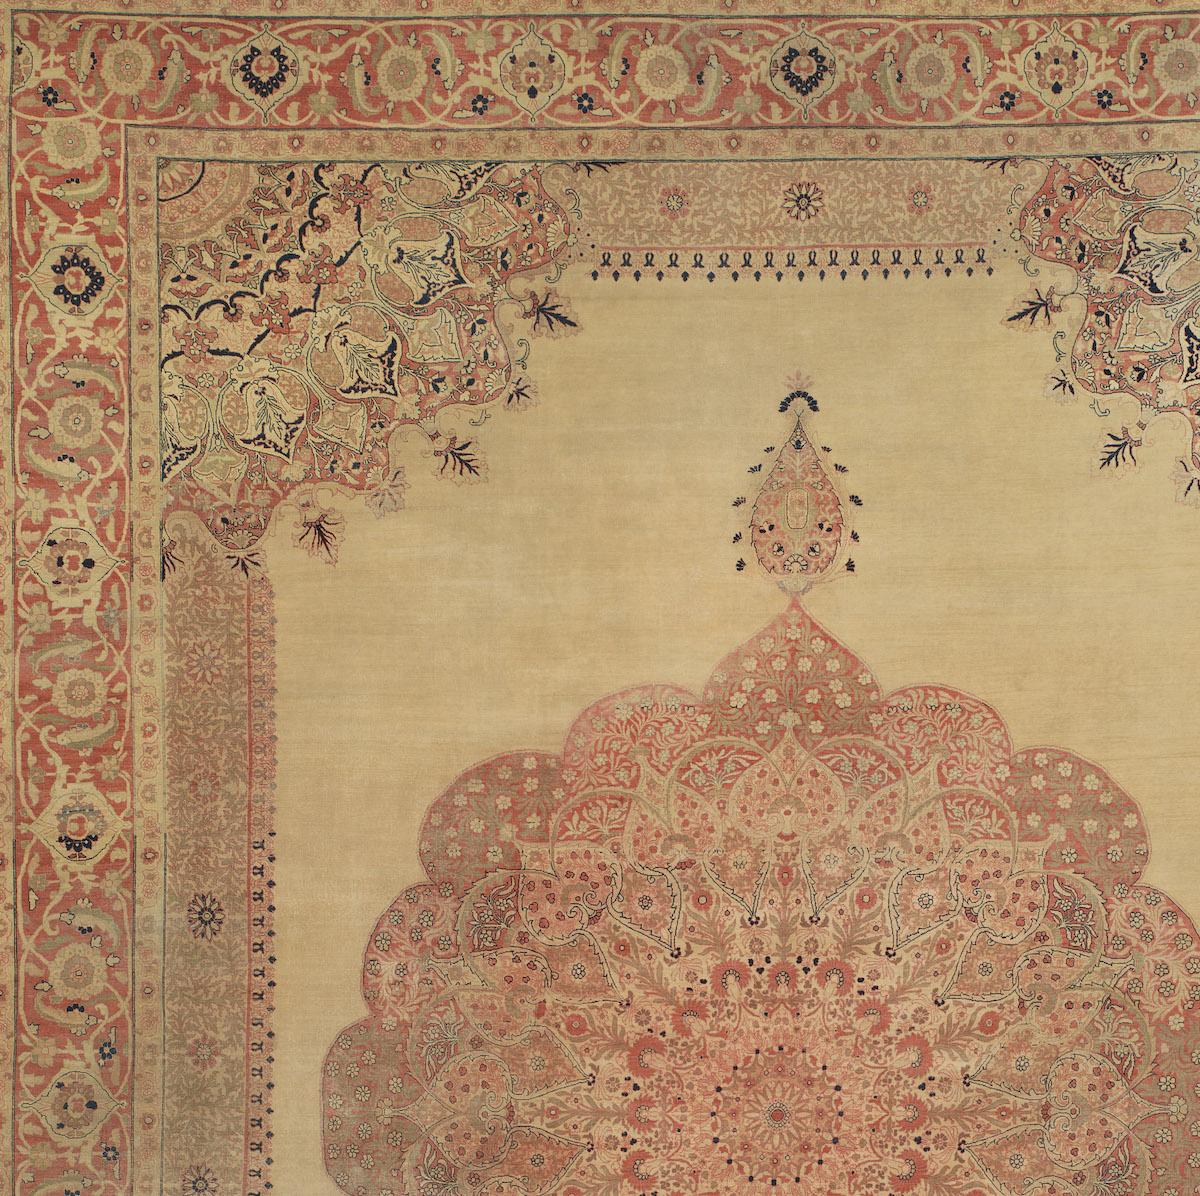 antique Tabriz rug from the famed Hadji Jallili workshop